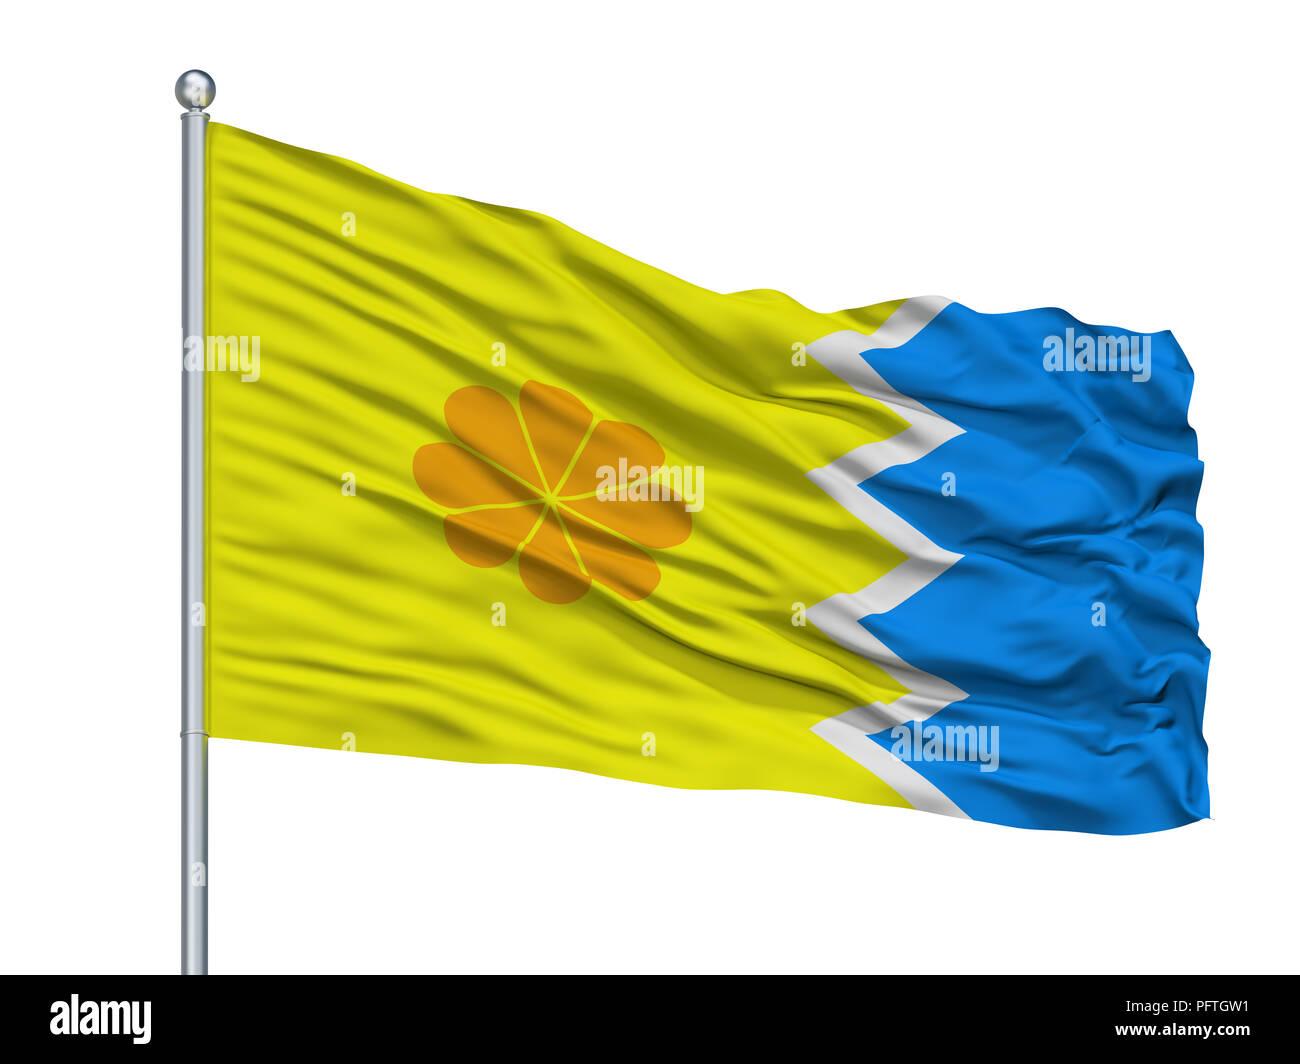 Vina Del Mar City Flag On Flagpole, Chile, Isolated On White Background - Stock Image